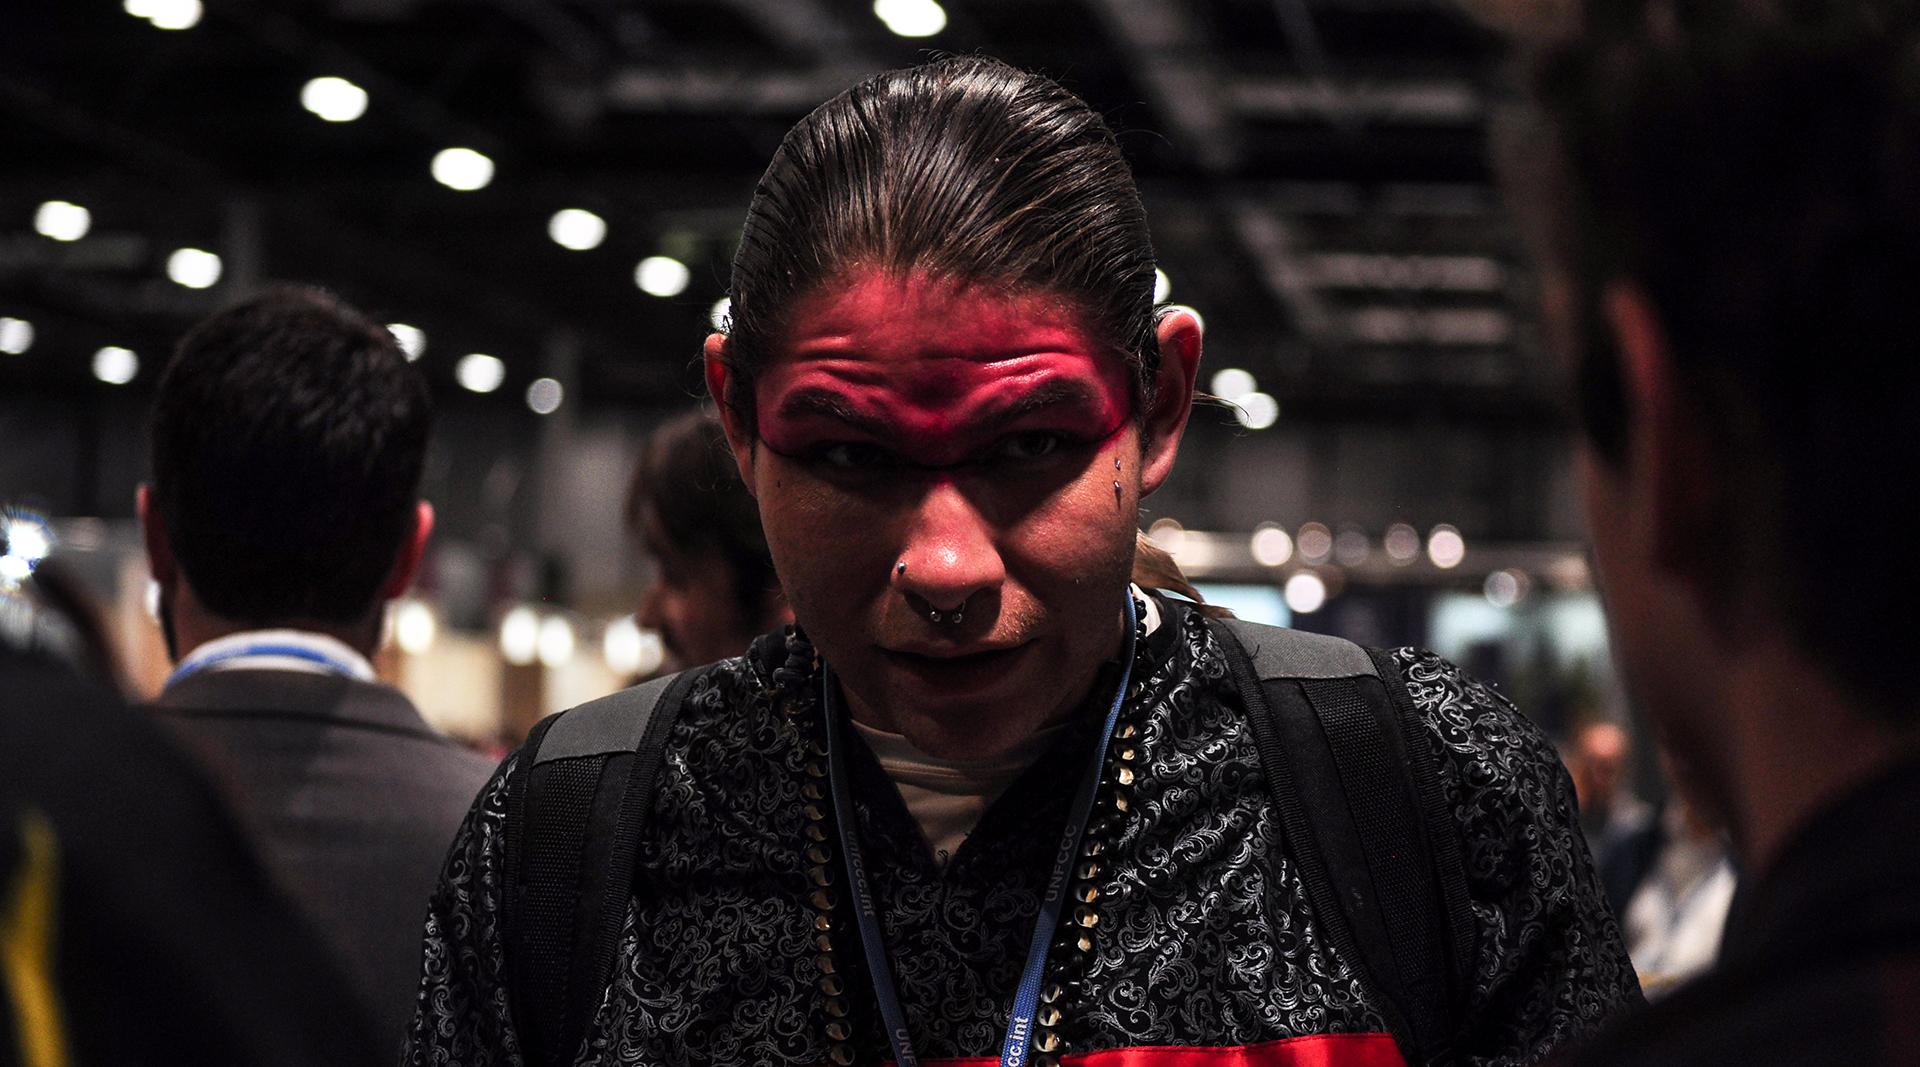 La participación de los jóvenes y los pueblos originarios ha sido un punto de presión social notable en la COP 25 (Foto: Julio Batista).